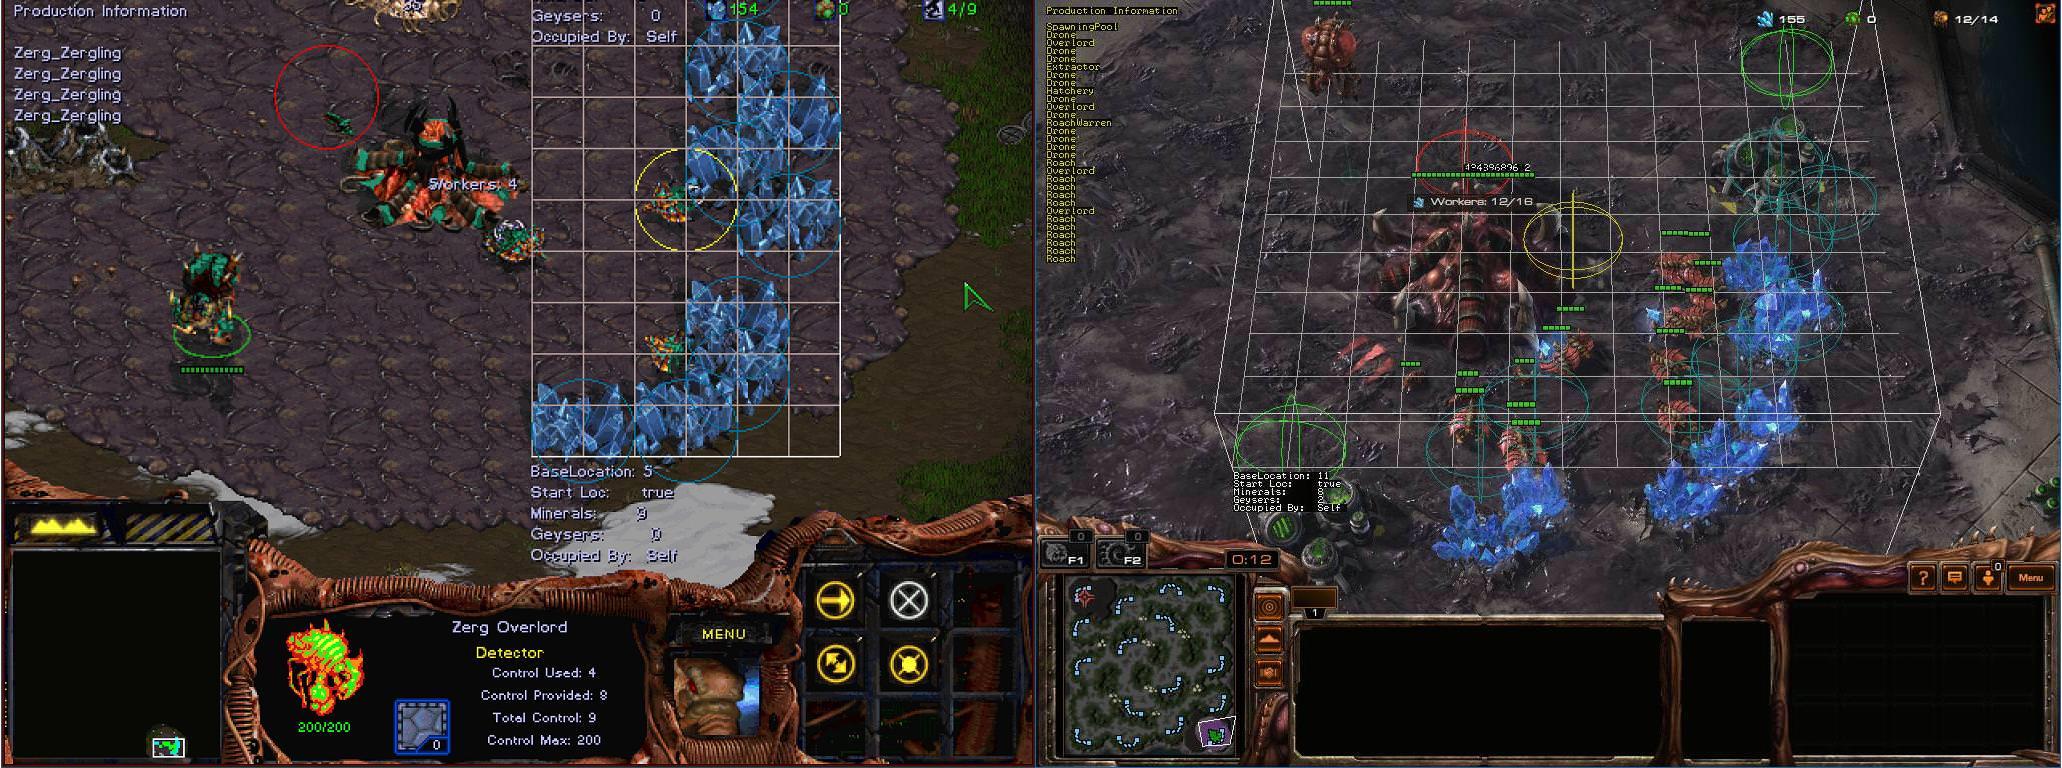 CommandCenter Screenshot